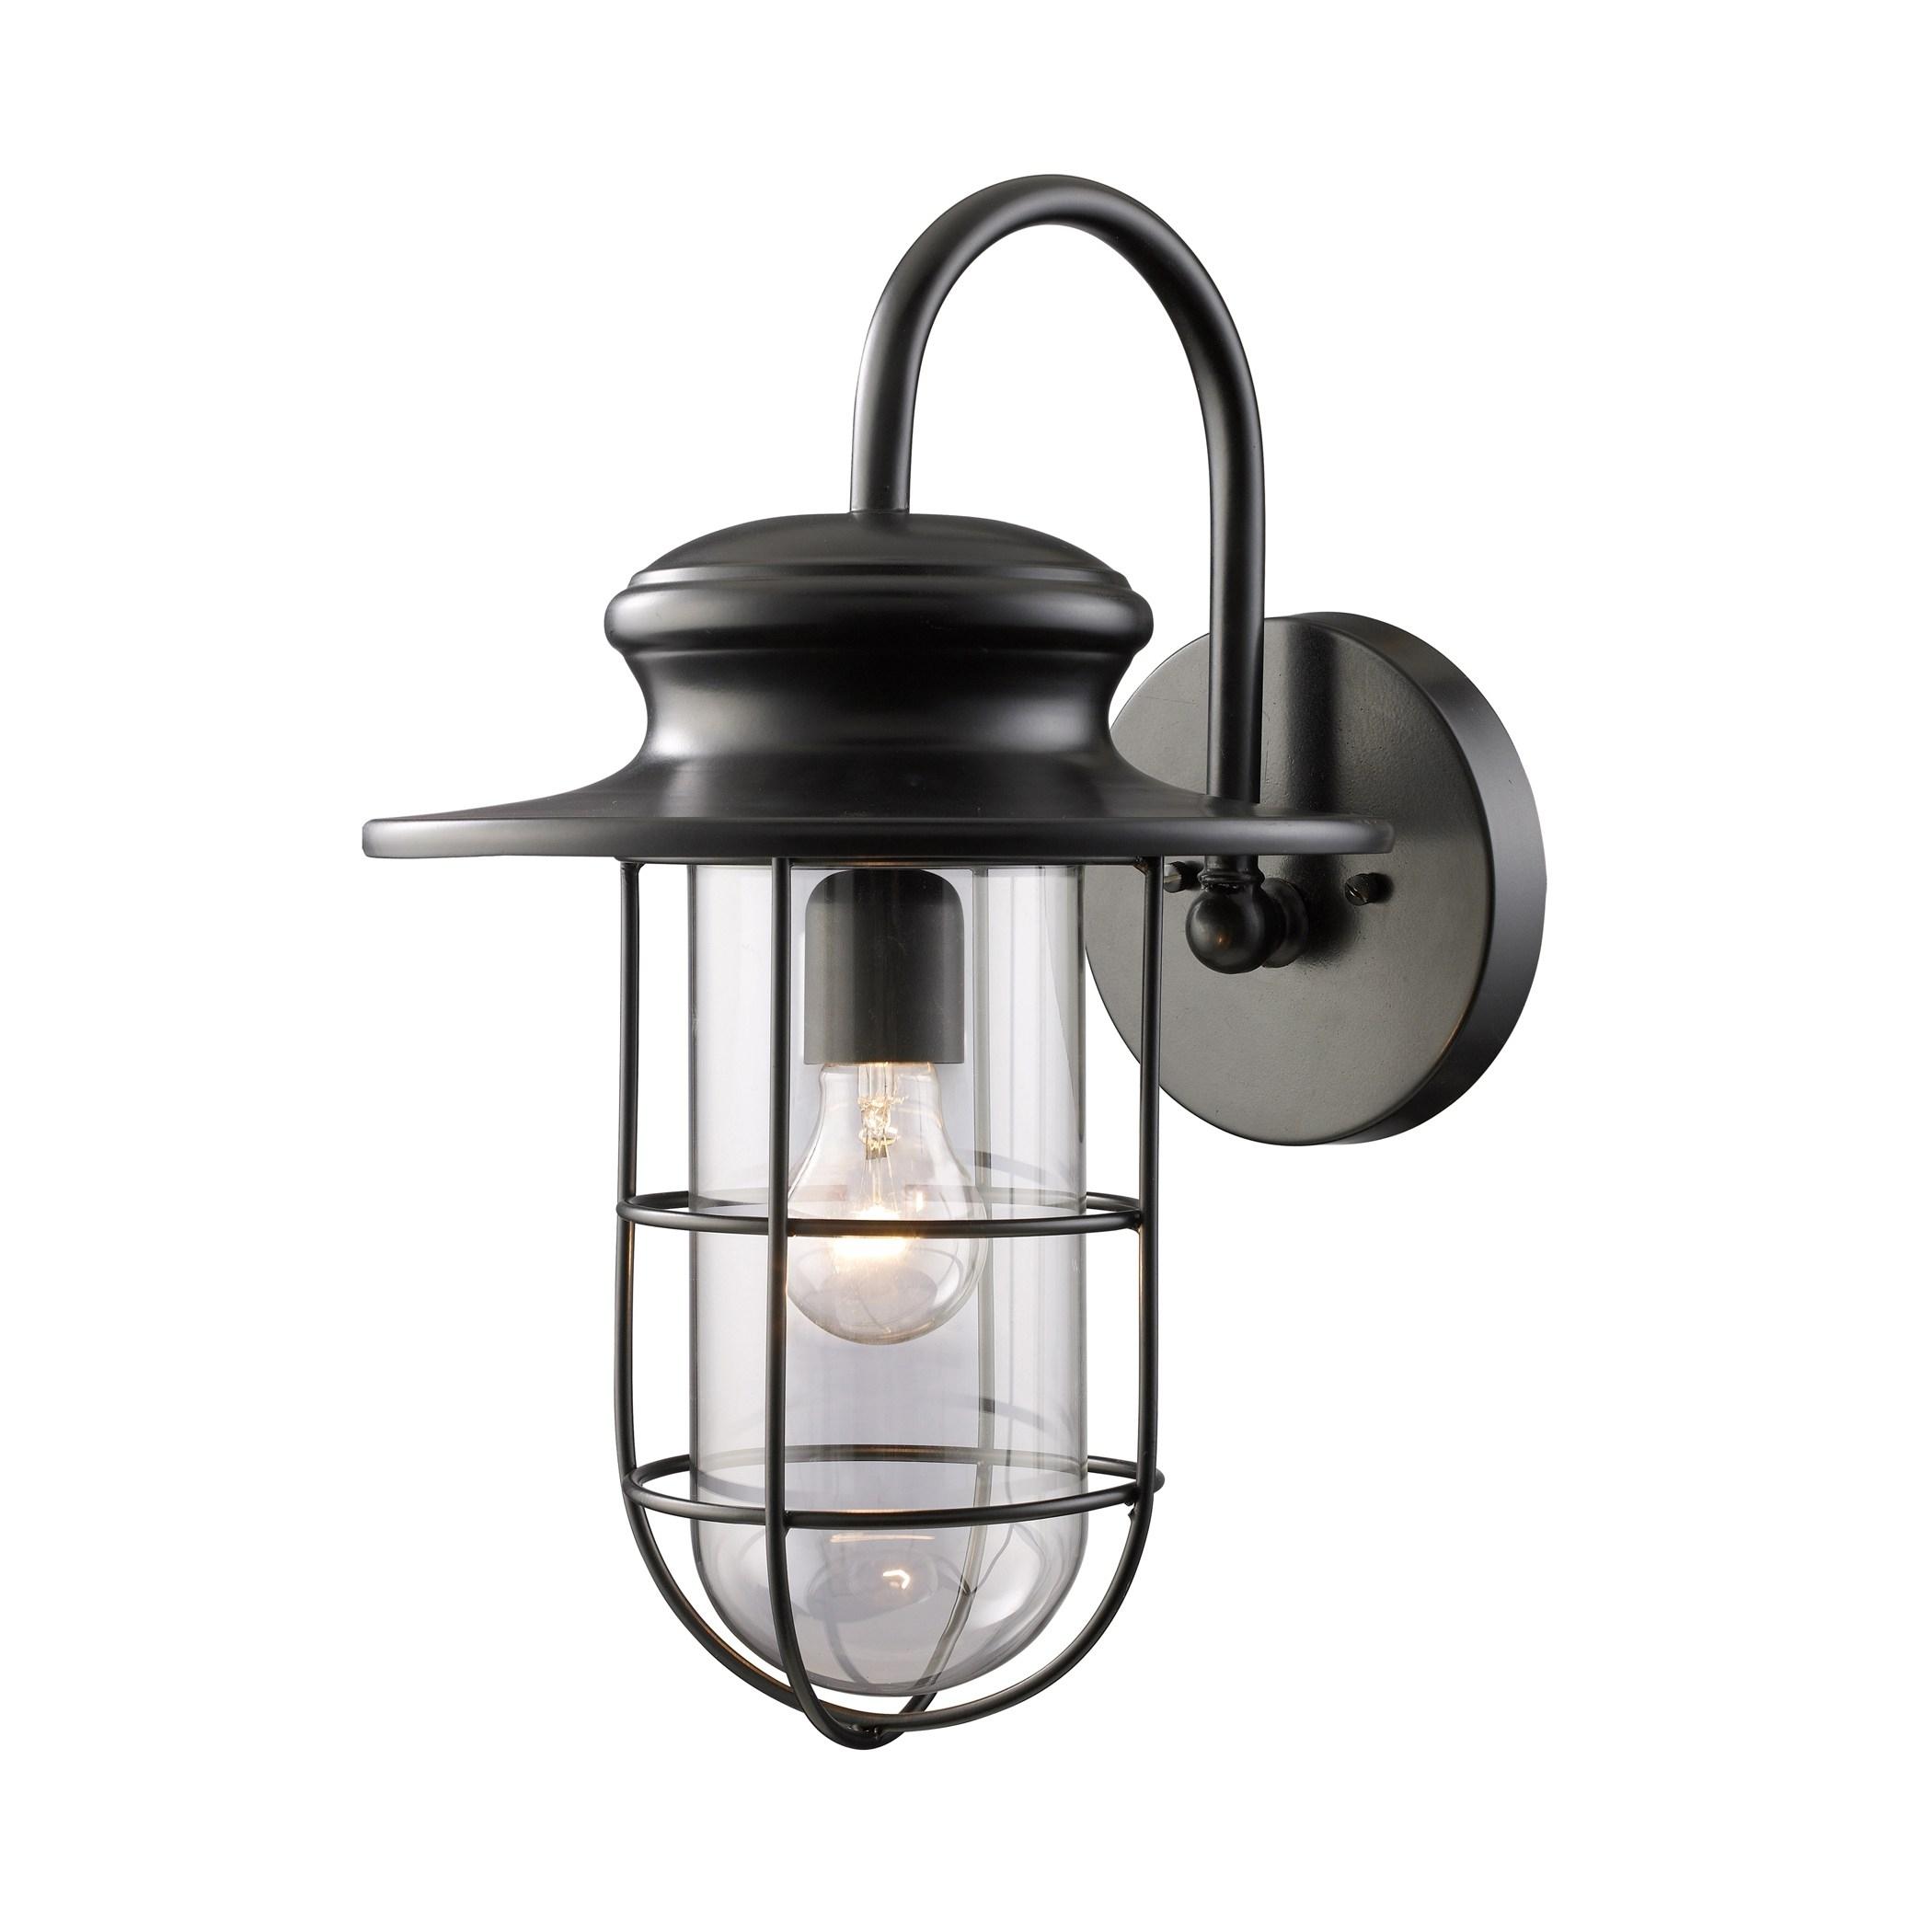 Prissy Lanterns Hanging Lantern Lightsbackyard Lights Outdoor Light with regard to Outdoor Porch Lanterns (Image 15 of 20)